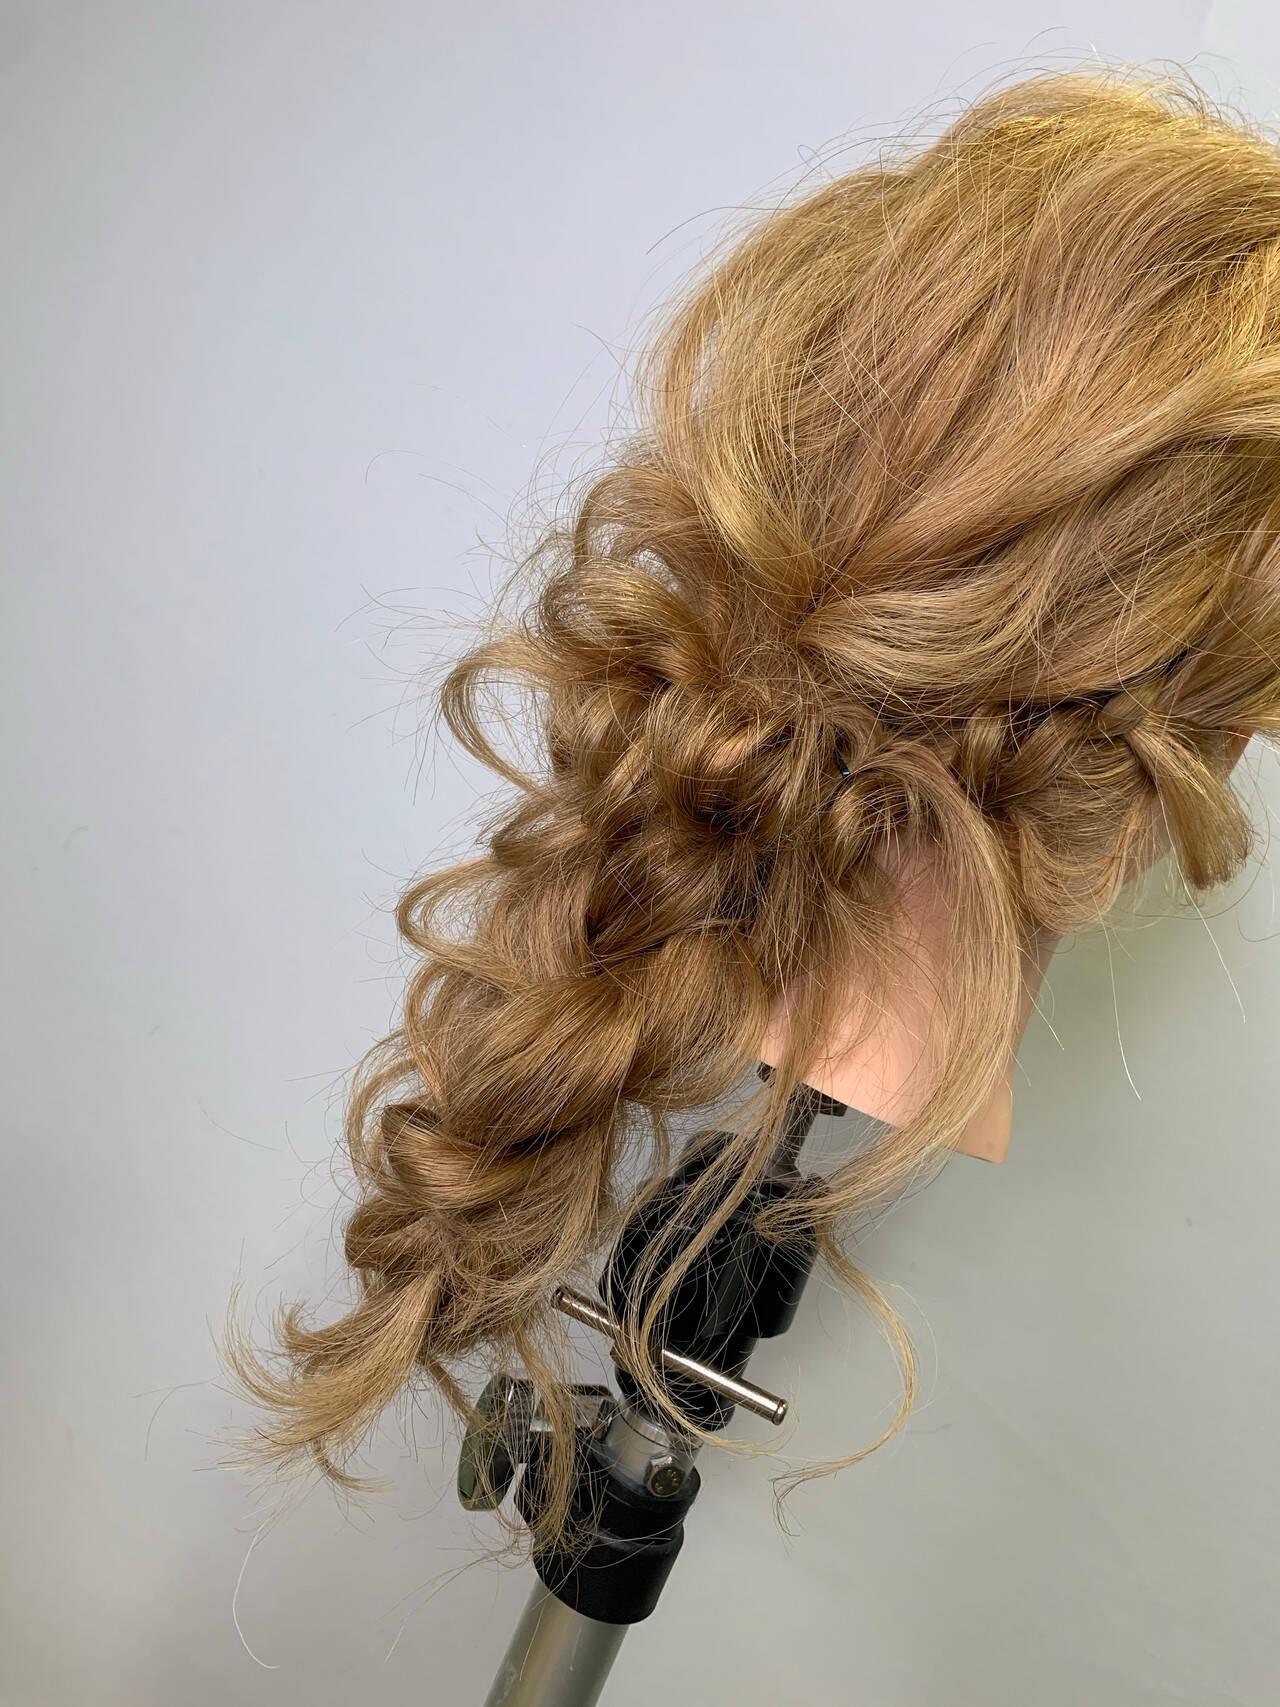 編みおろしヘア 編みおろし ヘアセット フェミニンヘアスタイルや髪型の写真・画像